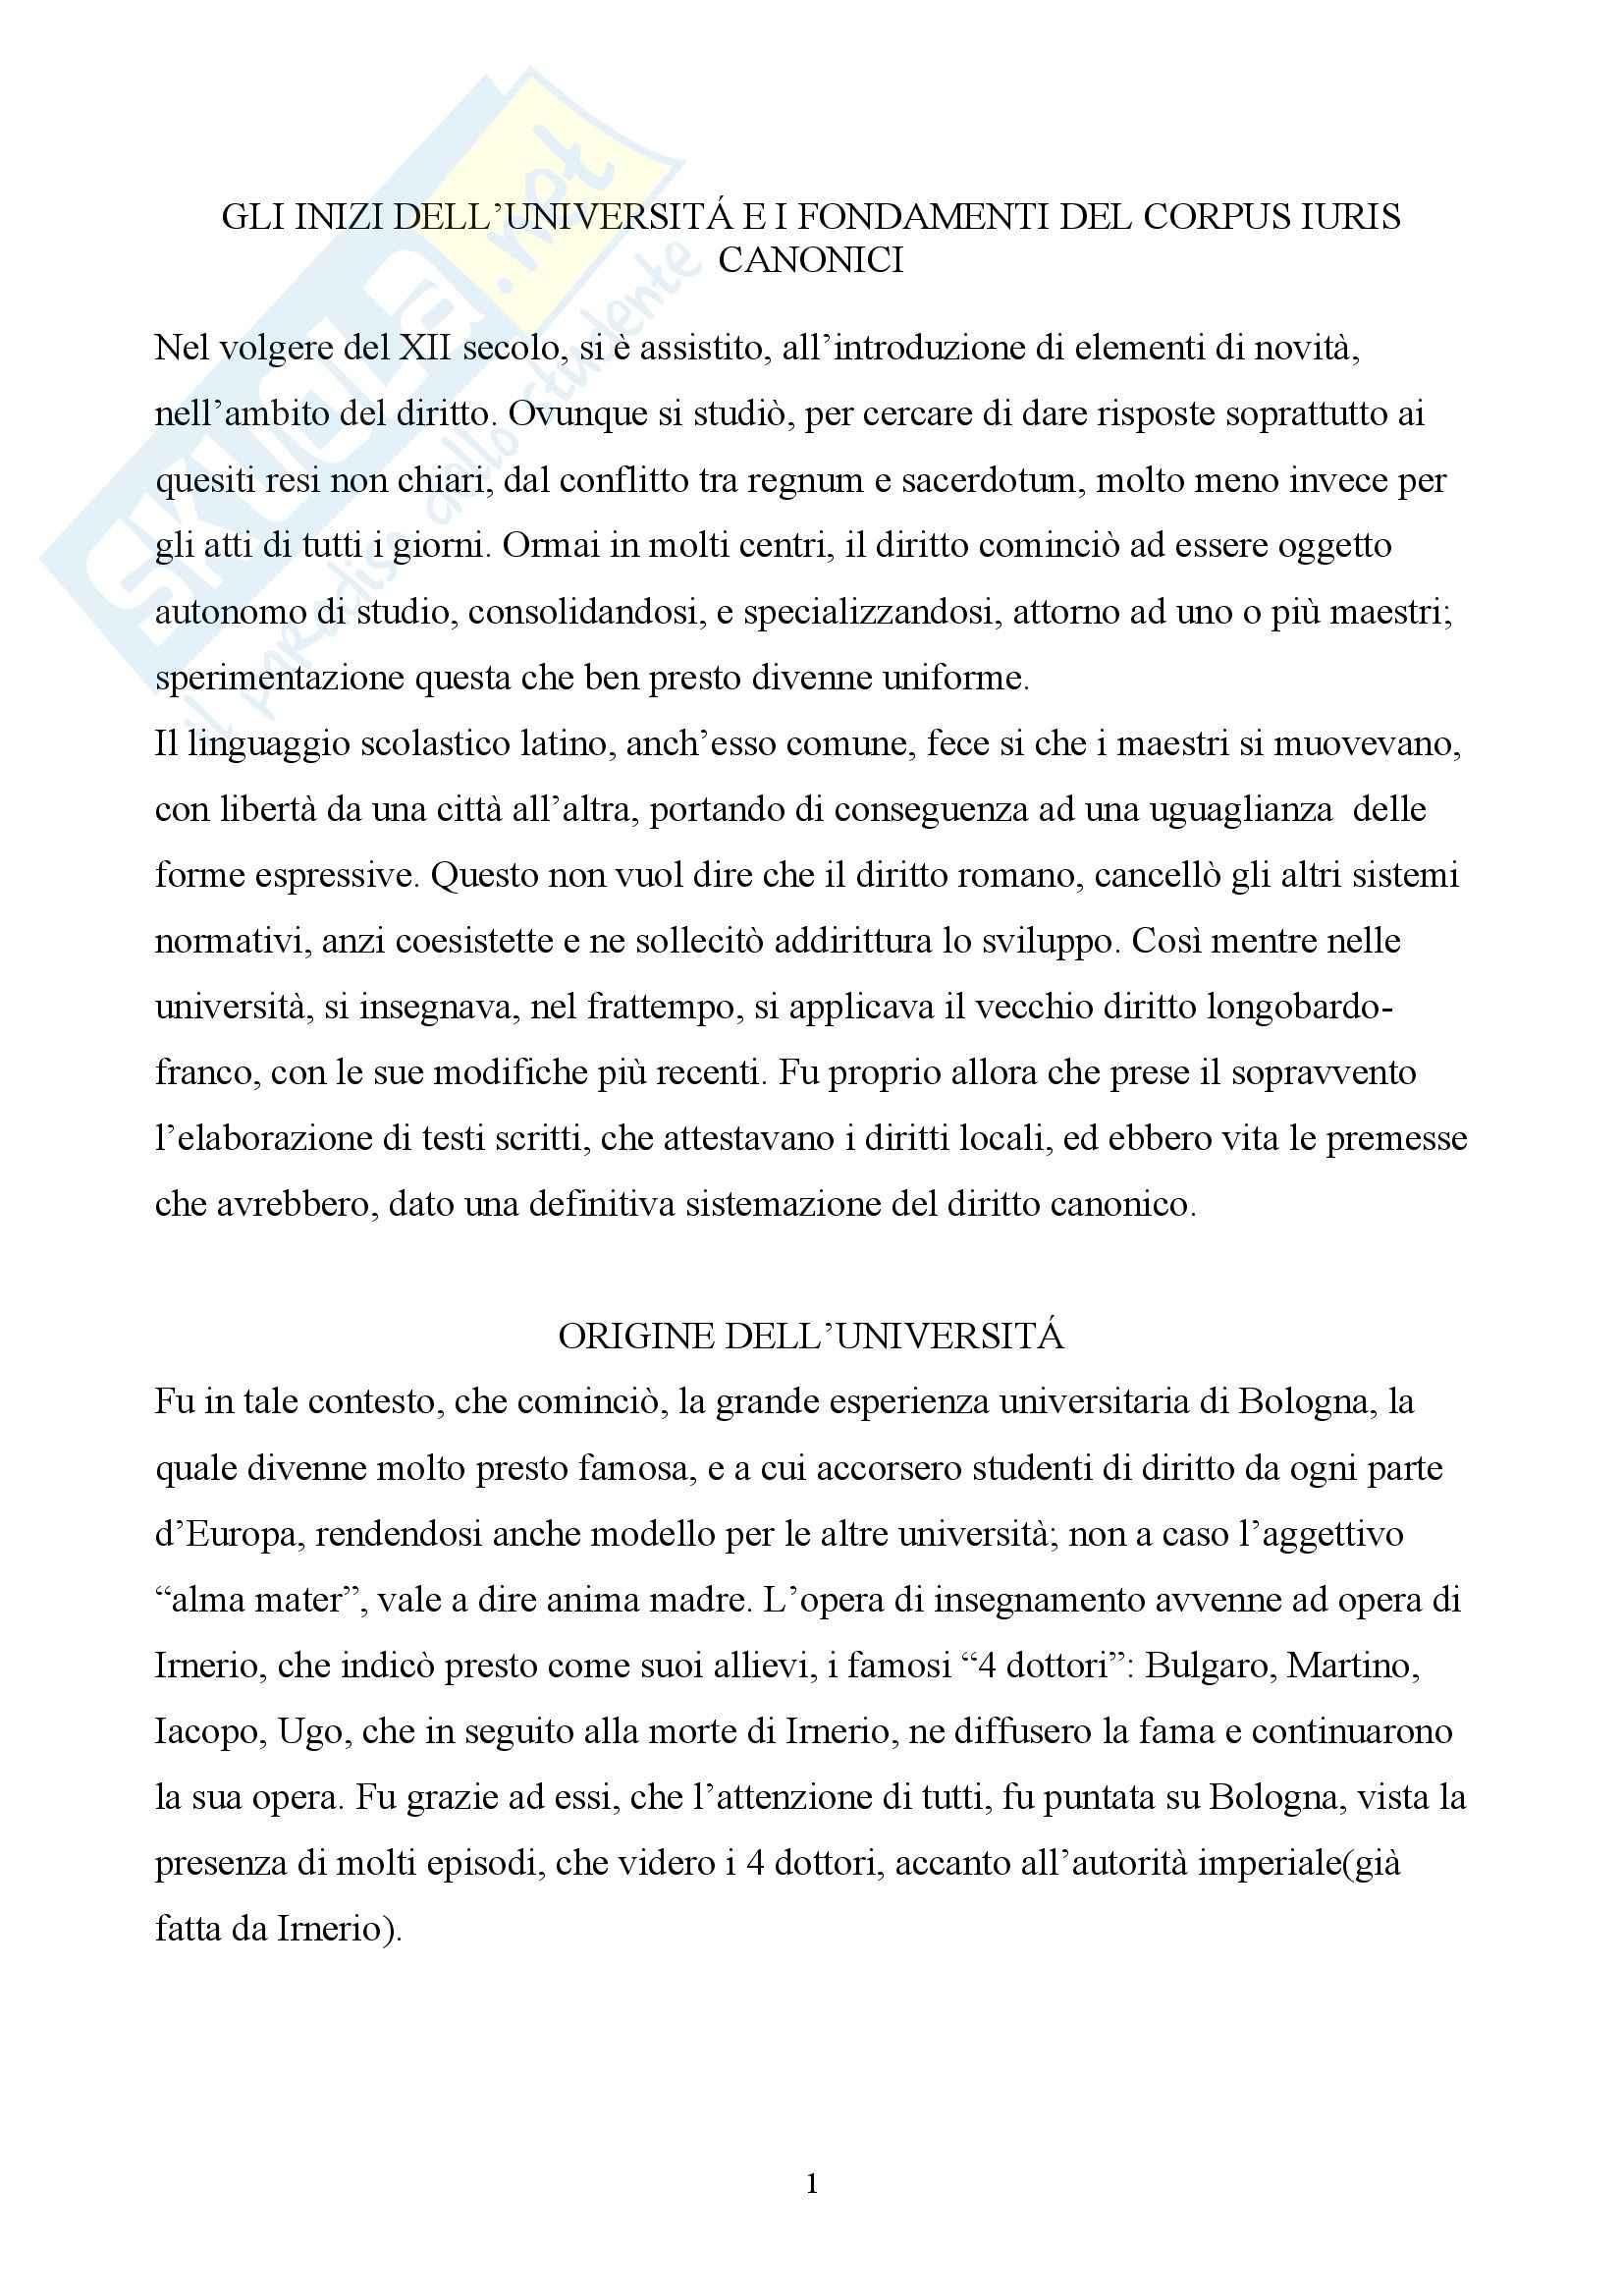 Storia del diritto italiano - Università e fondamenti del Corpus Iuris